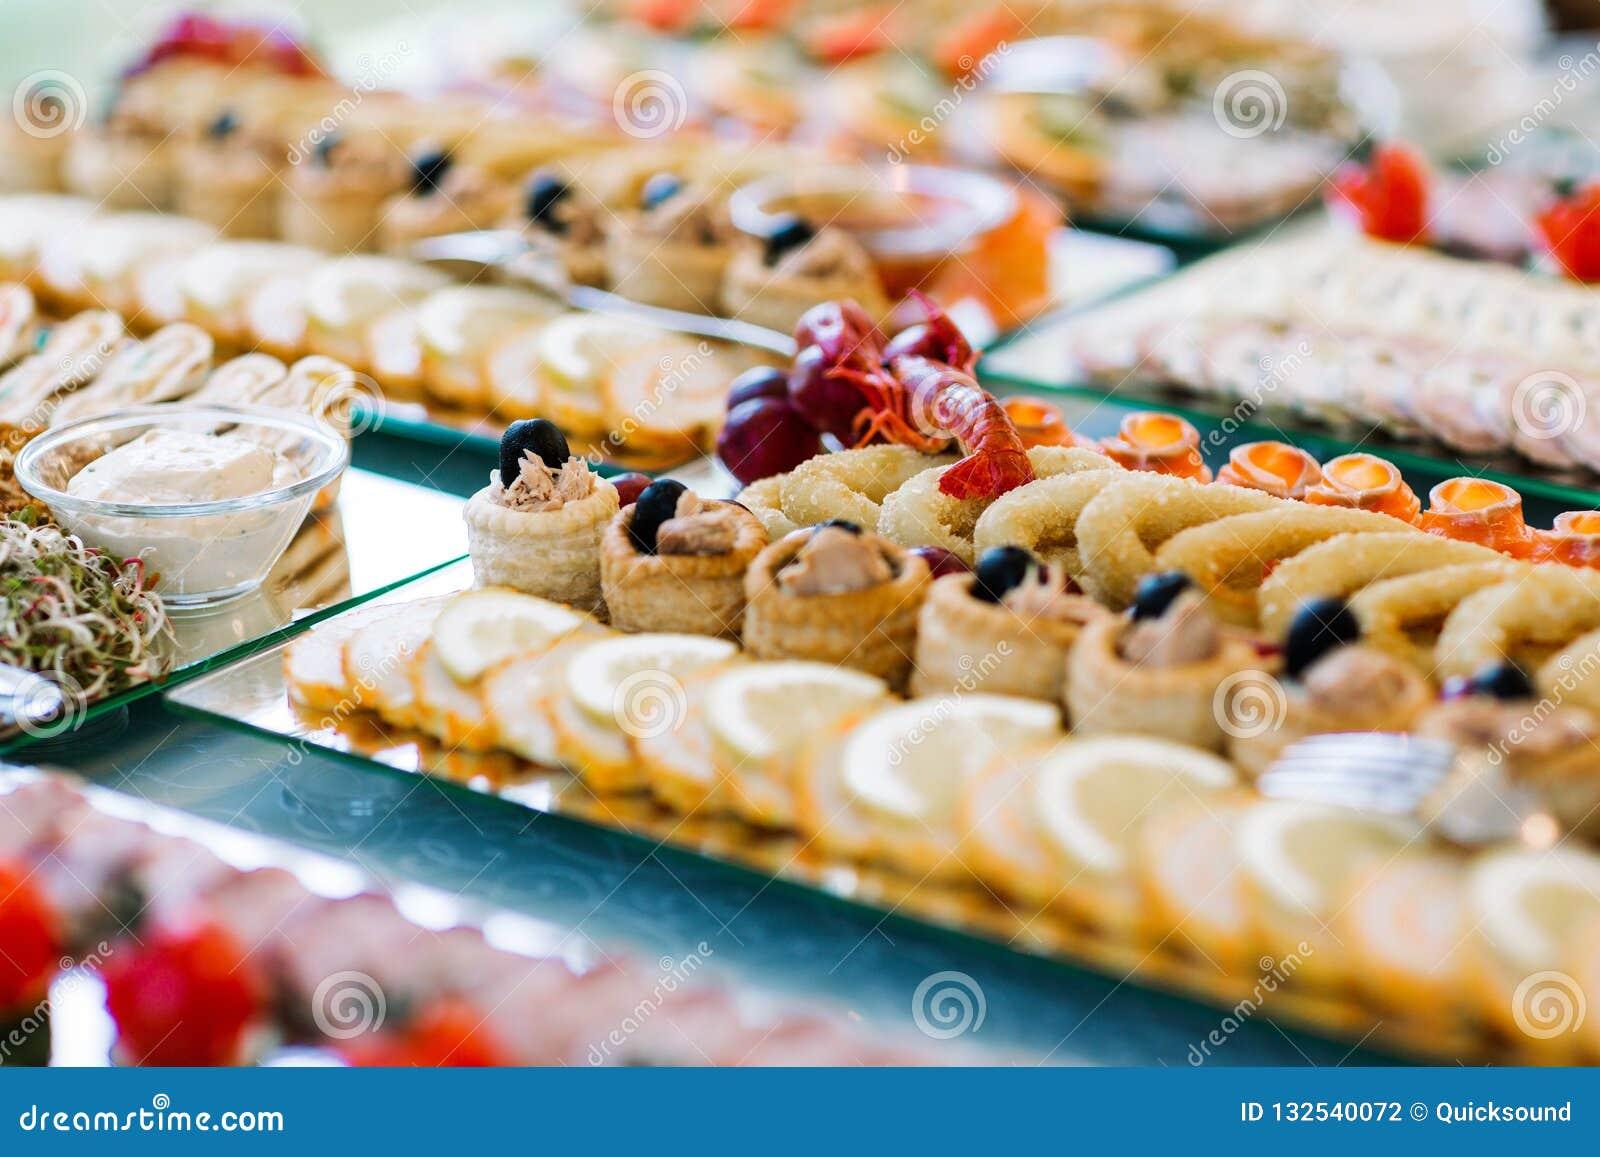 50 Cheap Wedding Reception Food Drink Menu Ideas On A Budget